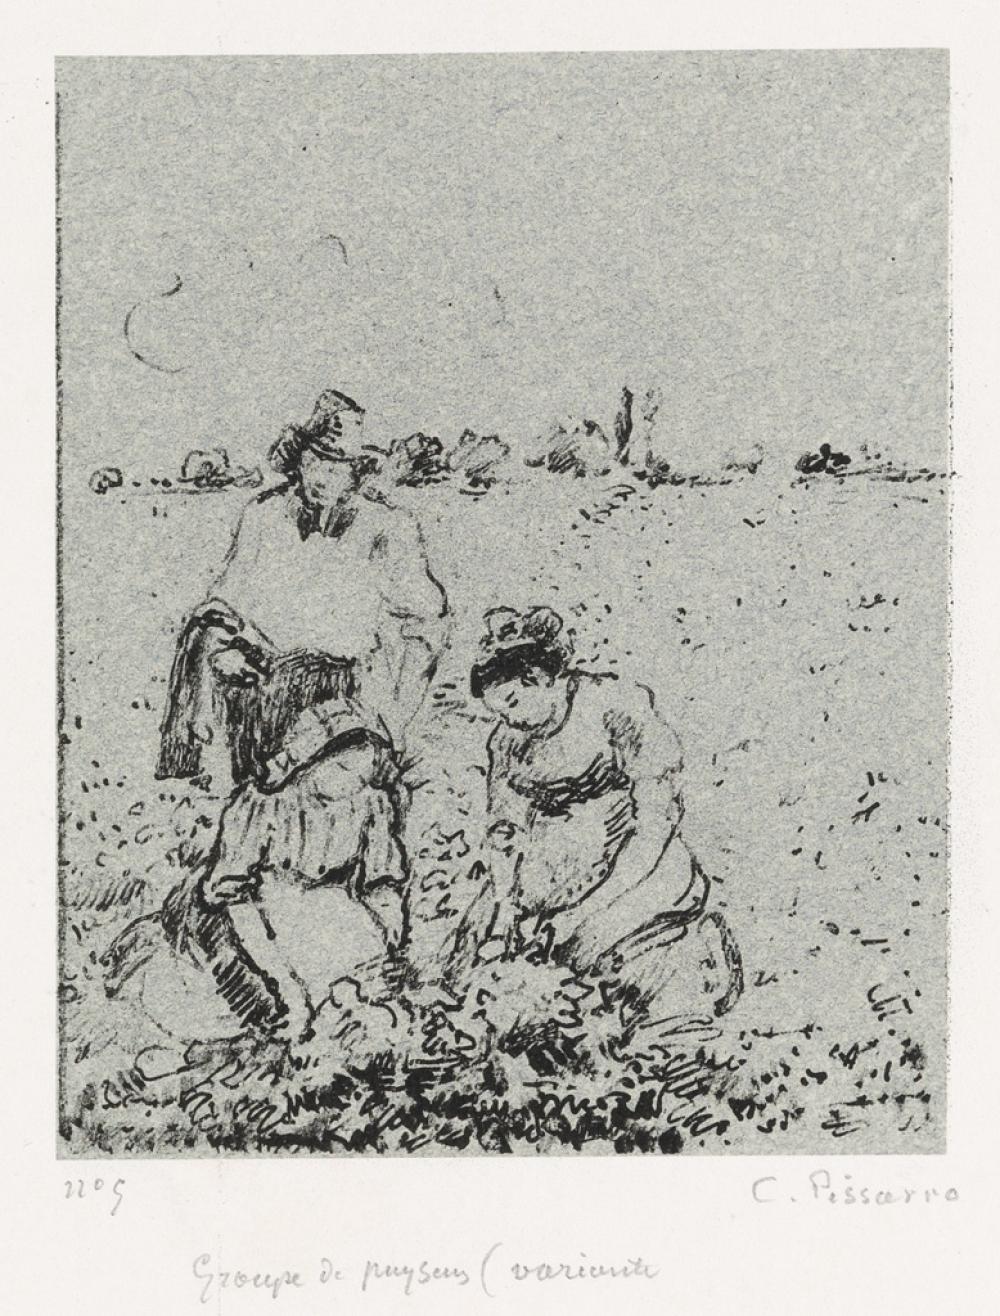 CAMILLE PISSARRO Groupe de paysans, 2e planche (variante).